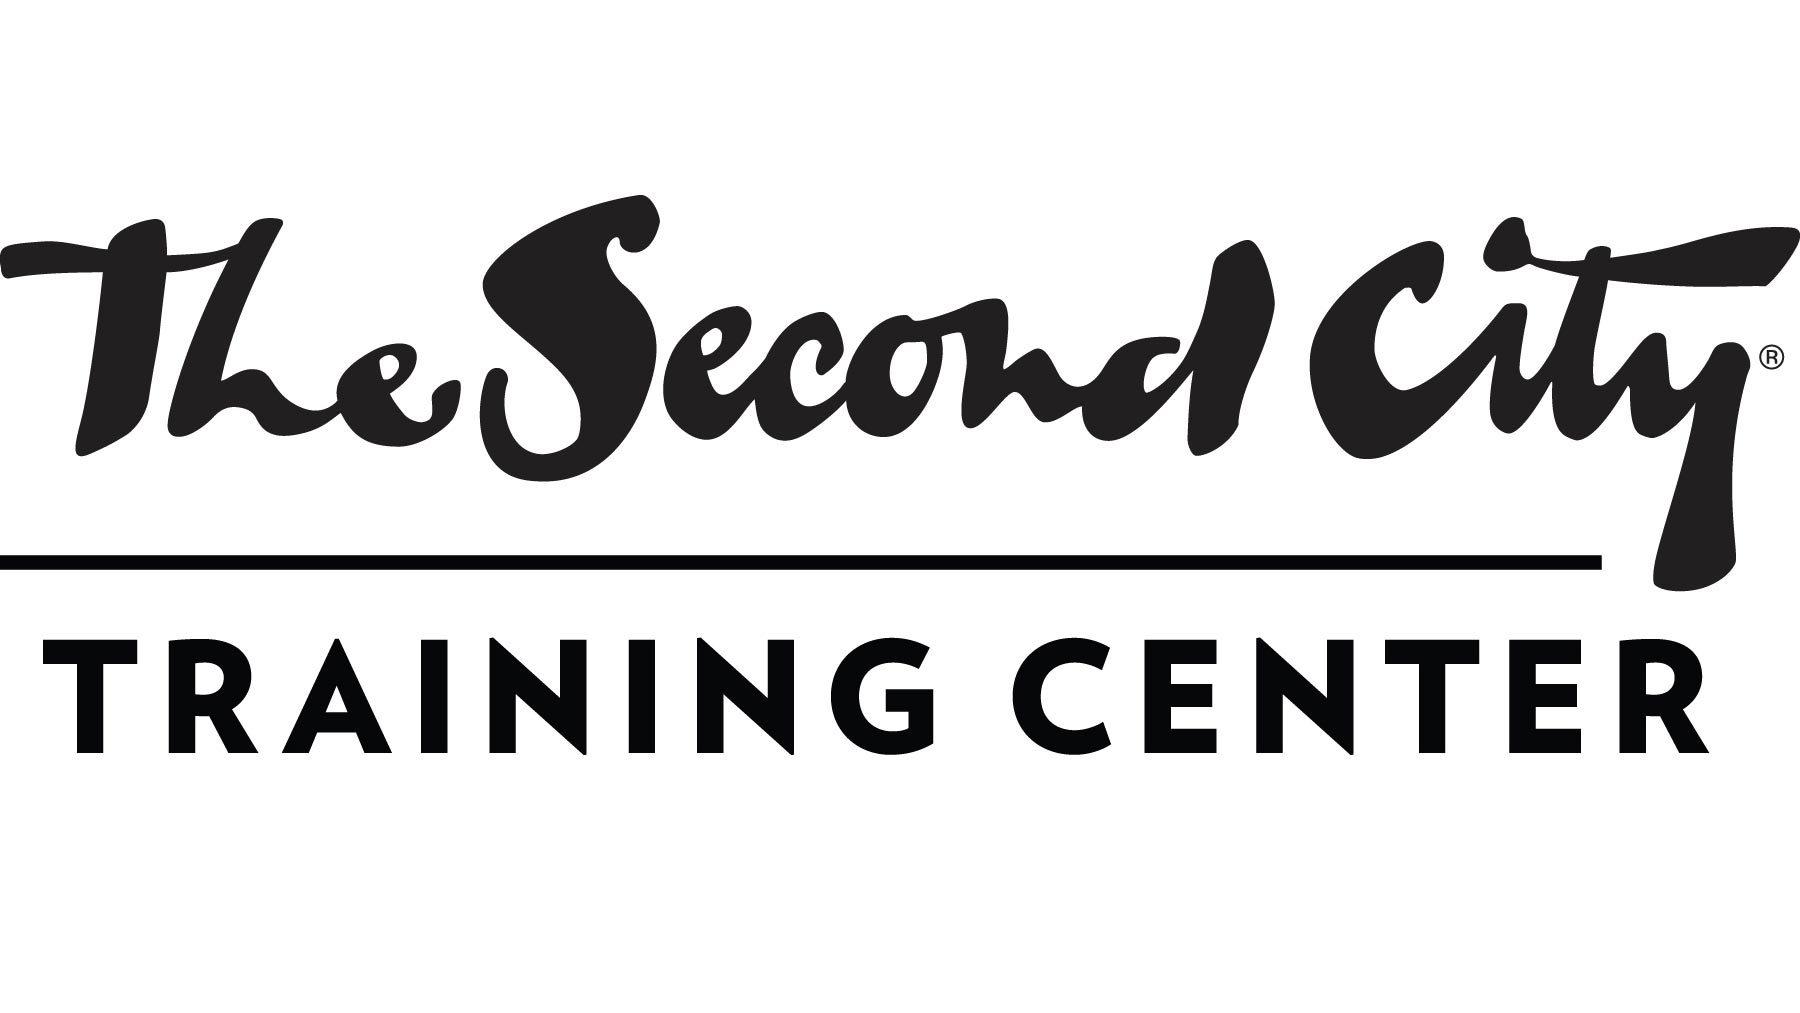 Second City Training Center logo